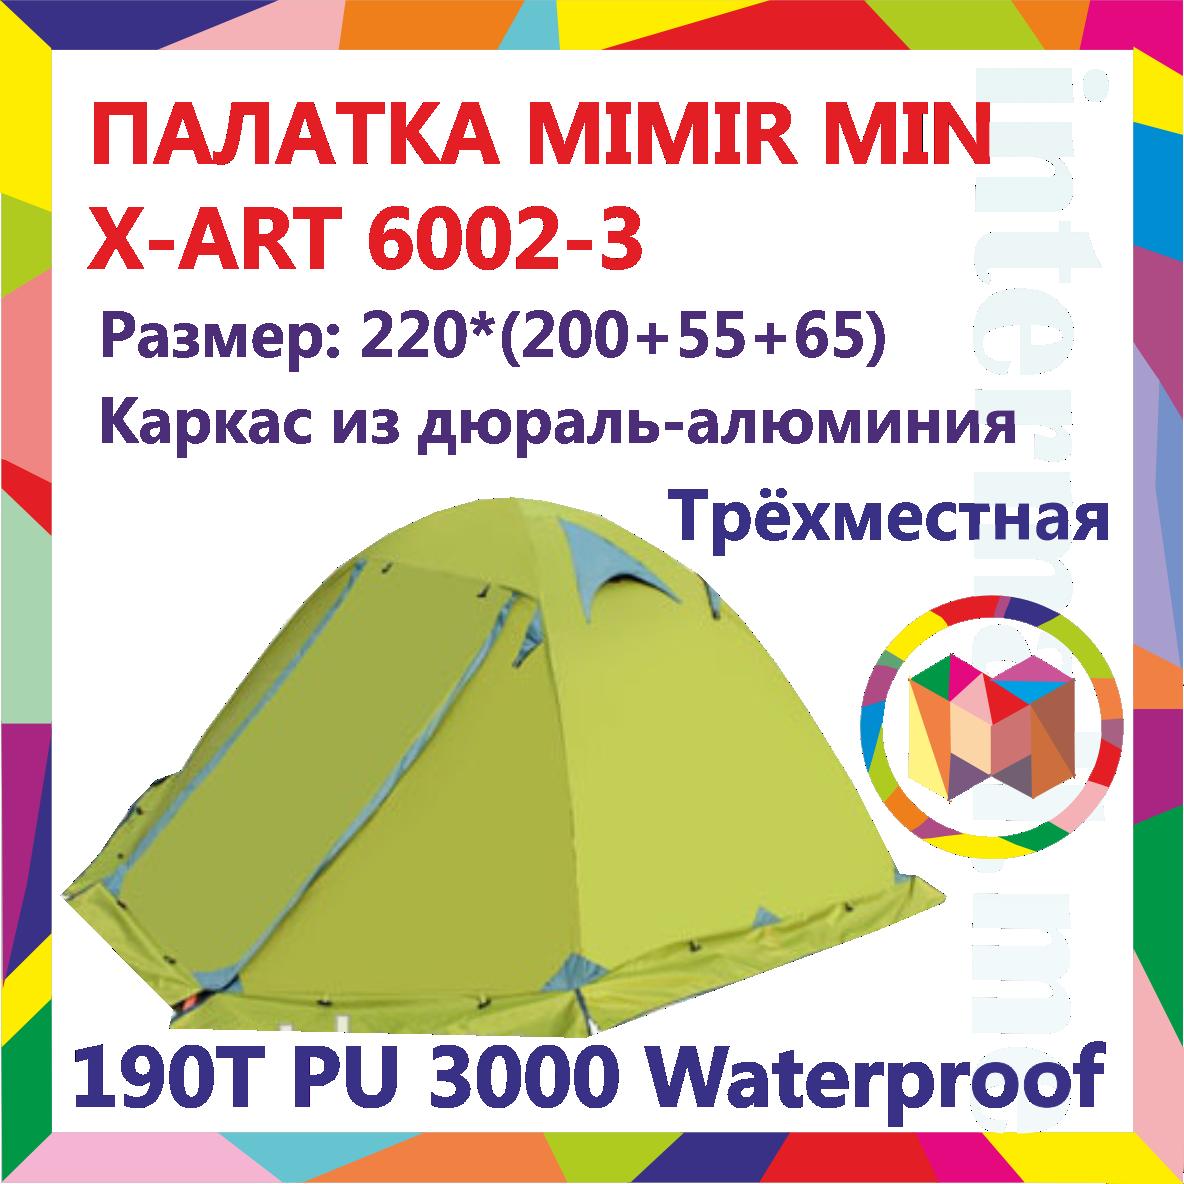 Трёхместная палатка, водонепроницаемая, съемный дождевик, 220*(200+55+65)см , MIMIR MIN X-ART 6002-3